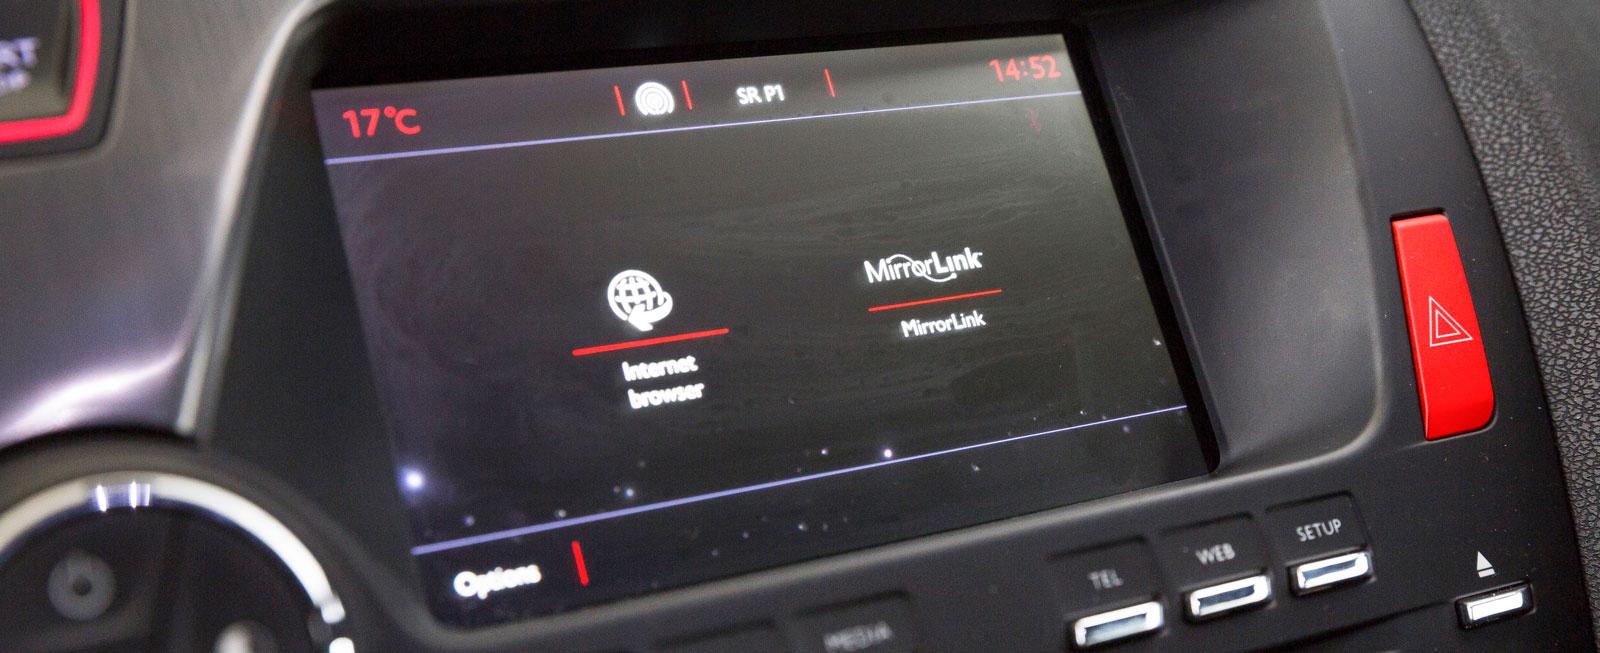 Huvudmenyerna väljs med knapparna under skärmen, sedan får man peka sig fram. Systemet är osmidigare att hantera och känns mer föråldrat än konkurrenternas.